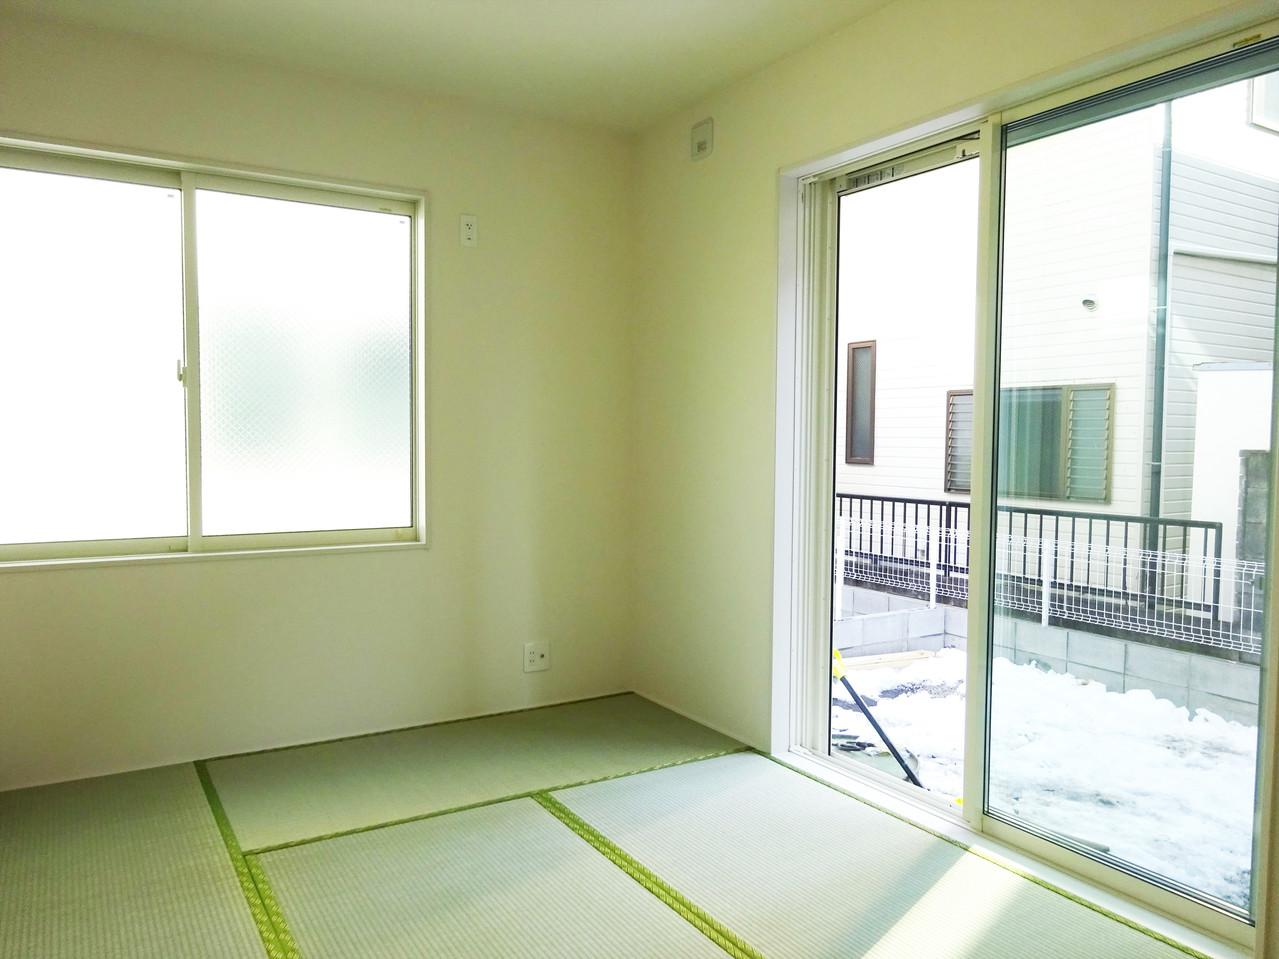 和も感じられる間取り。リビングから繋がる和室はエリアによって違った雰囲気を味わえるようになっています◎畳が気持ちよさそうです(^^)